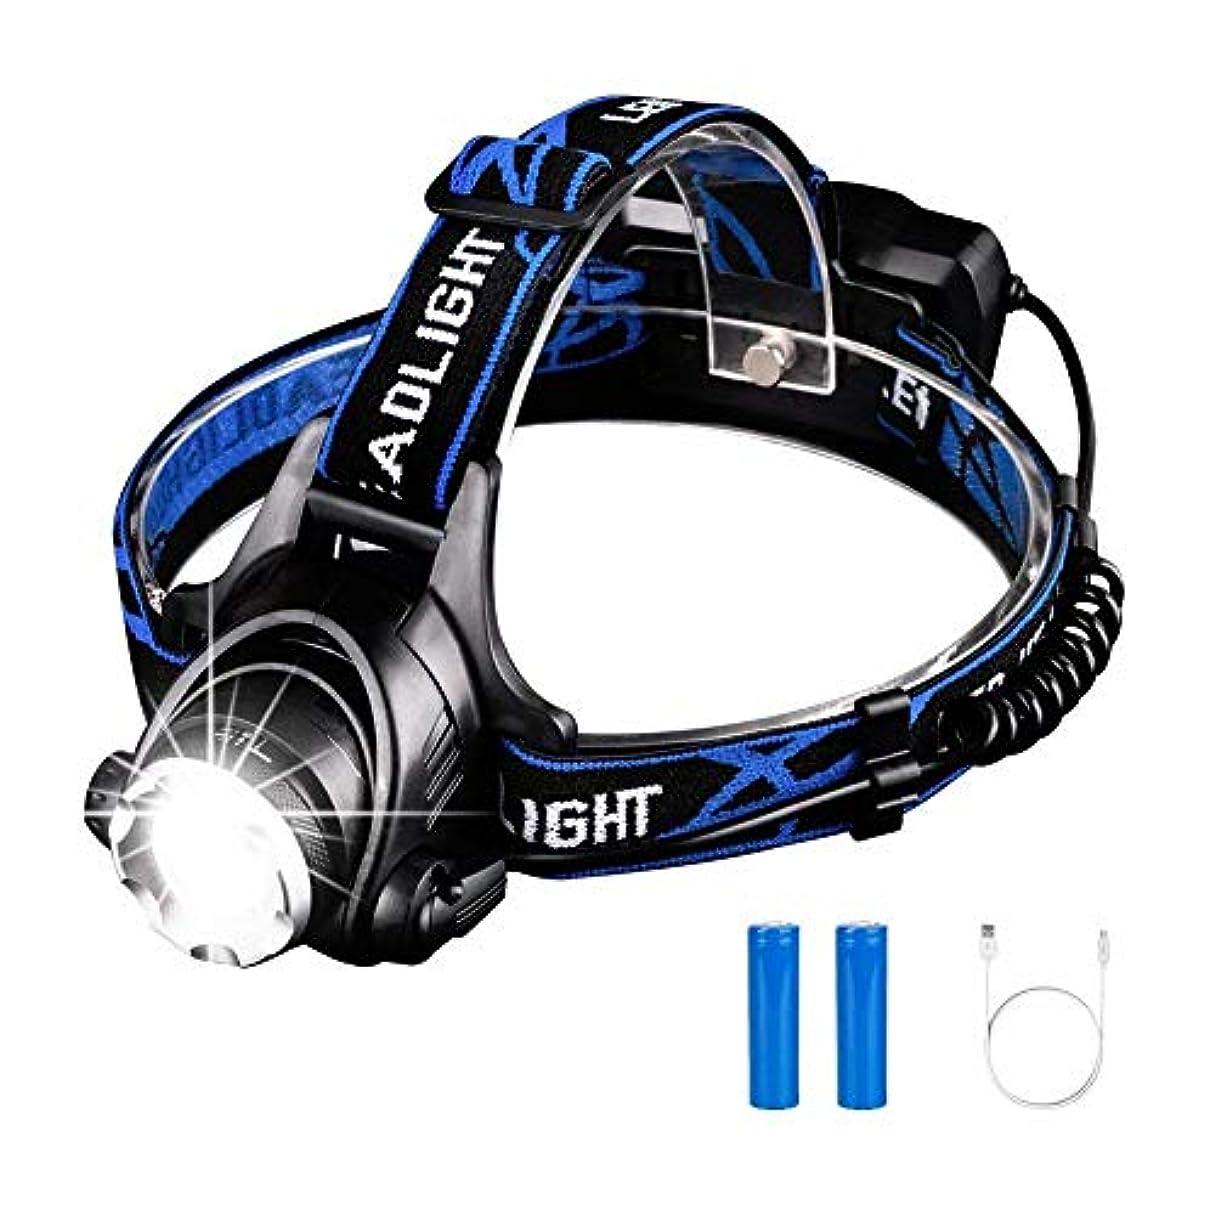 ルール個人振動させるスーパーブライトヘッドランプ、T6 LEDヘッドマウントヘッドトーチUSB充電式3モードヘルメットライトキャンプ用ランニングハイキング釣り